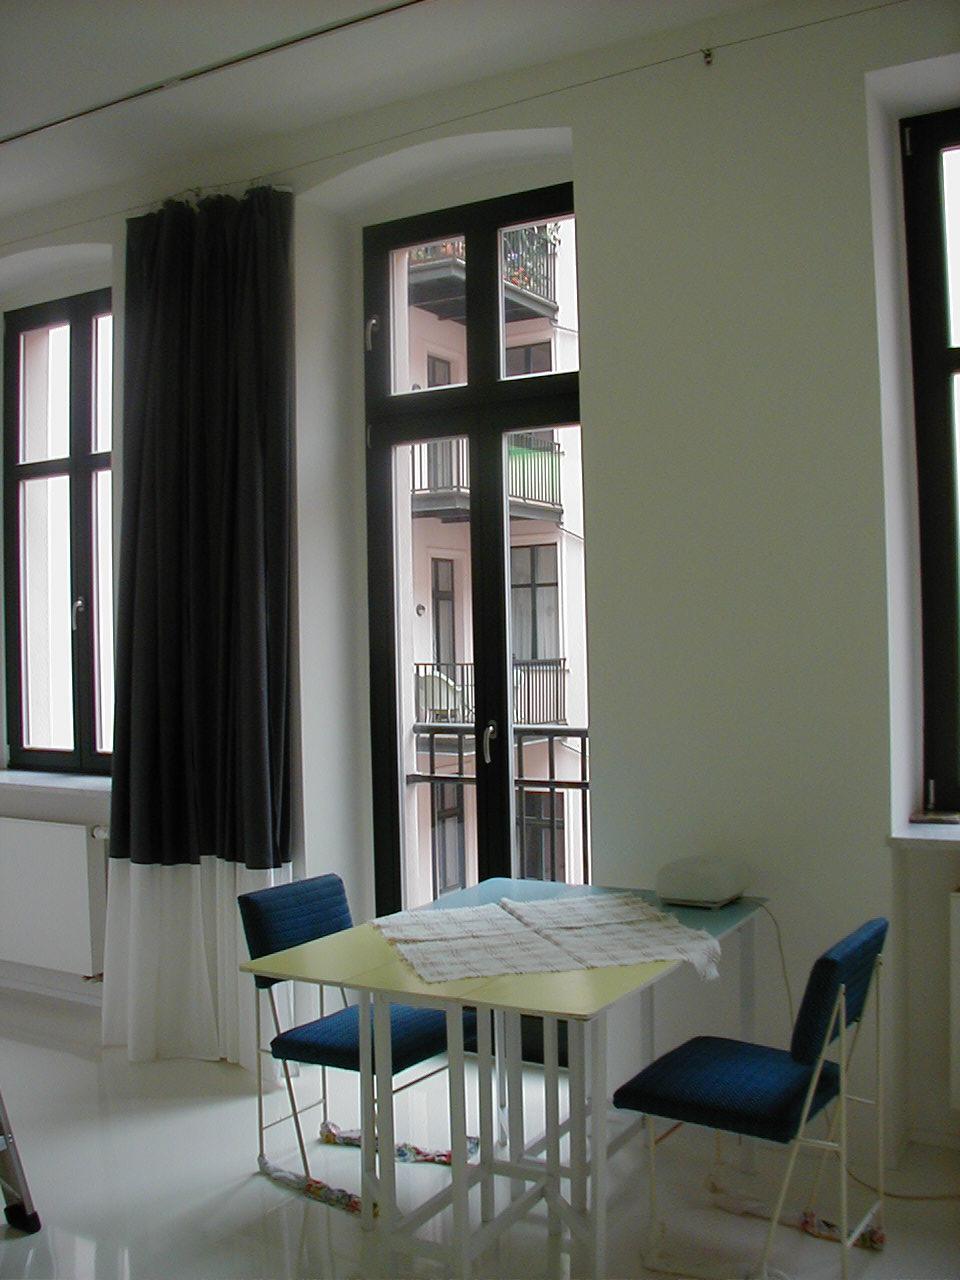 Foto affitto appartamento citta berlino - Casa vacanza berlino ...